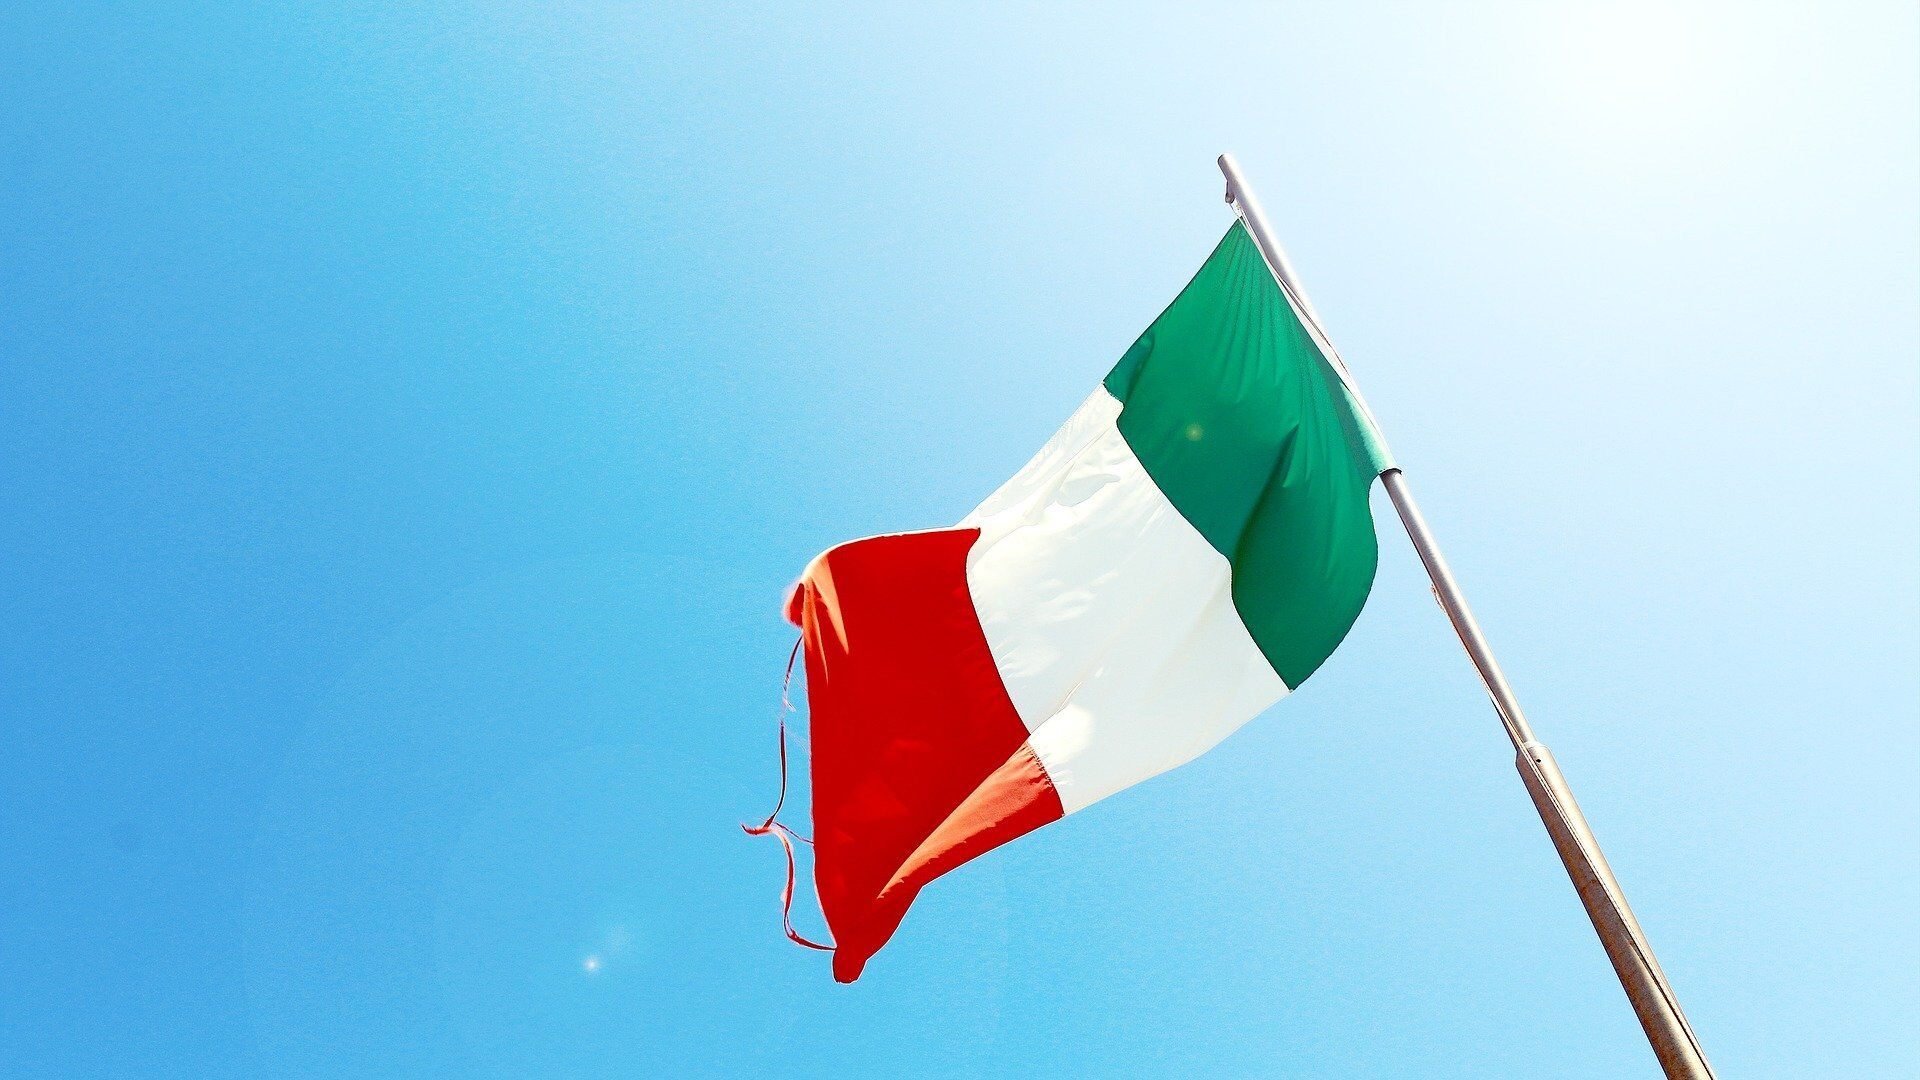 La bandiera italiana - Sputnik Italia, 1920, 25.07.2021